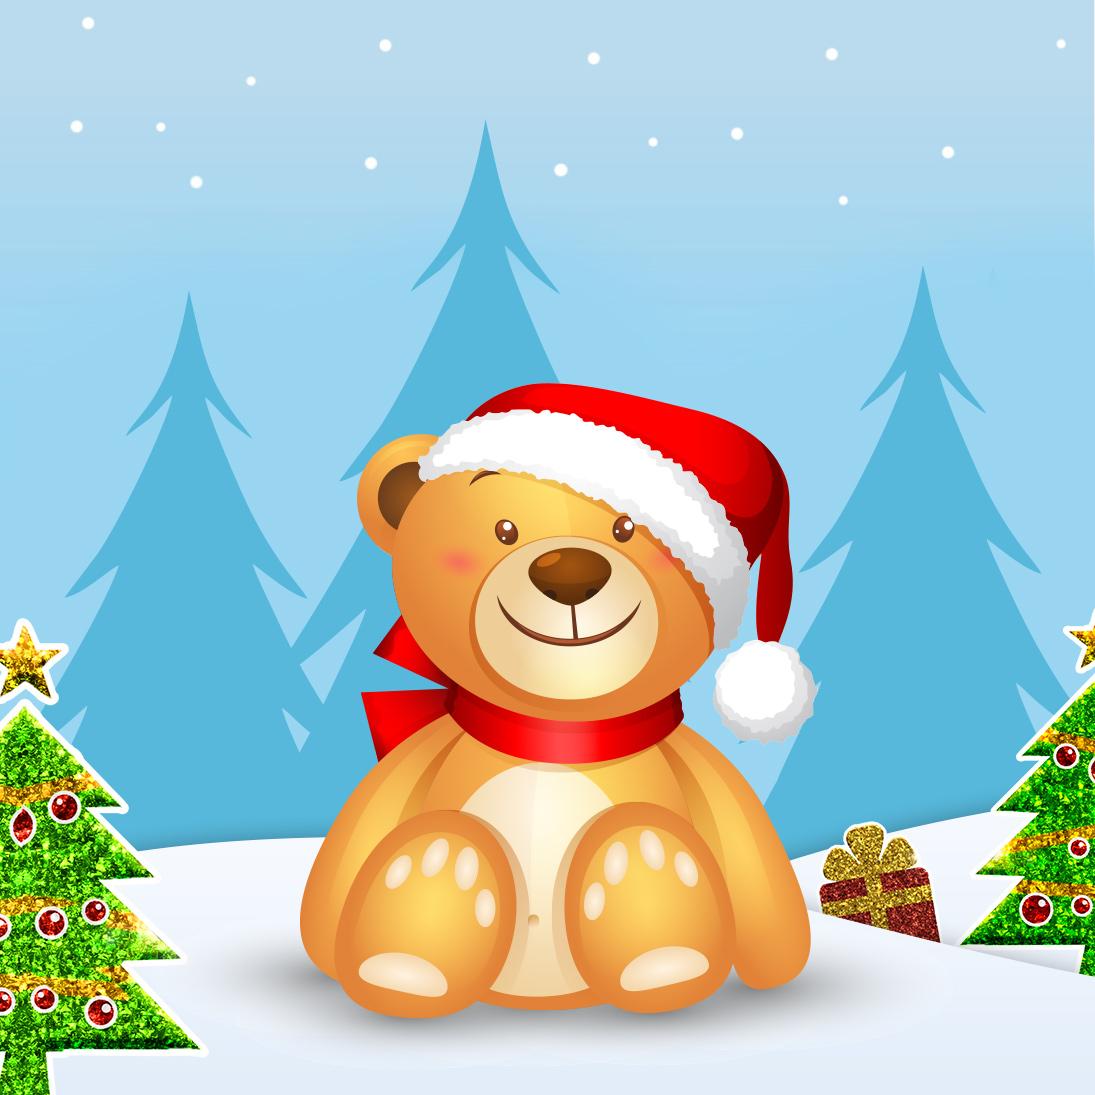 30' Adorable Teddy Bear